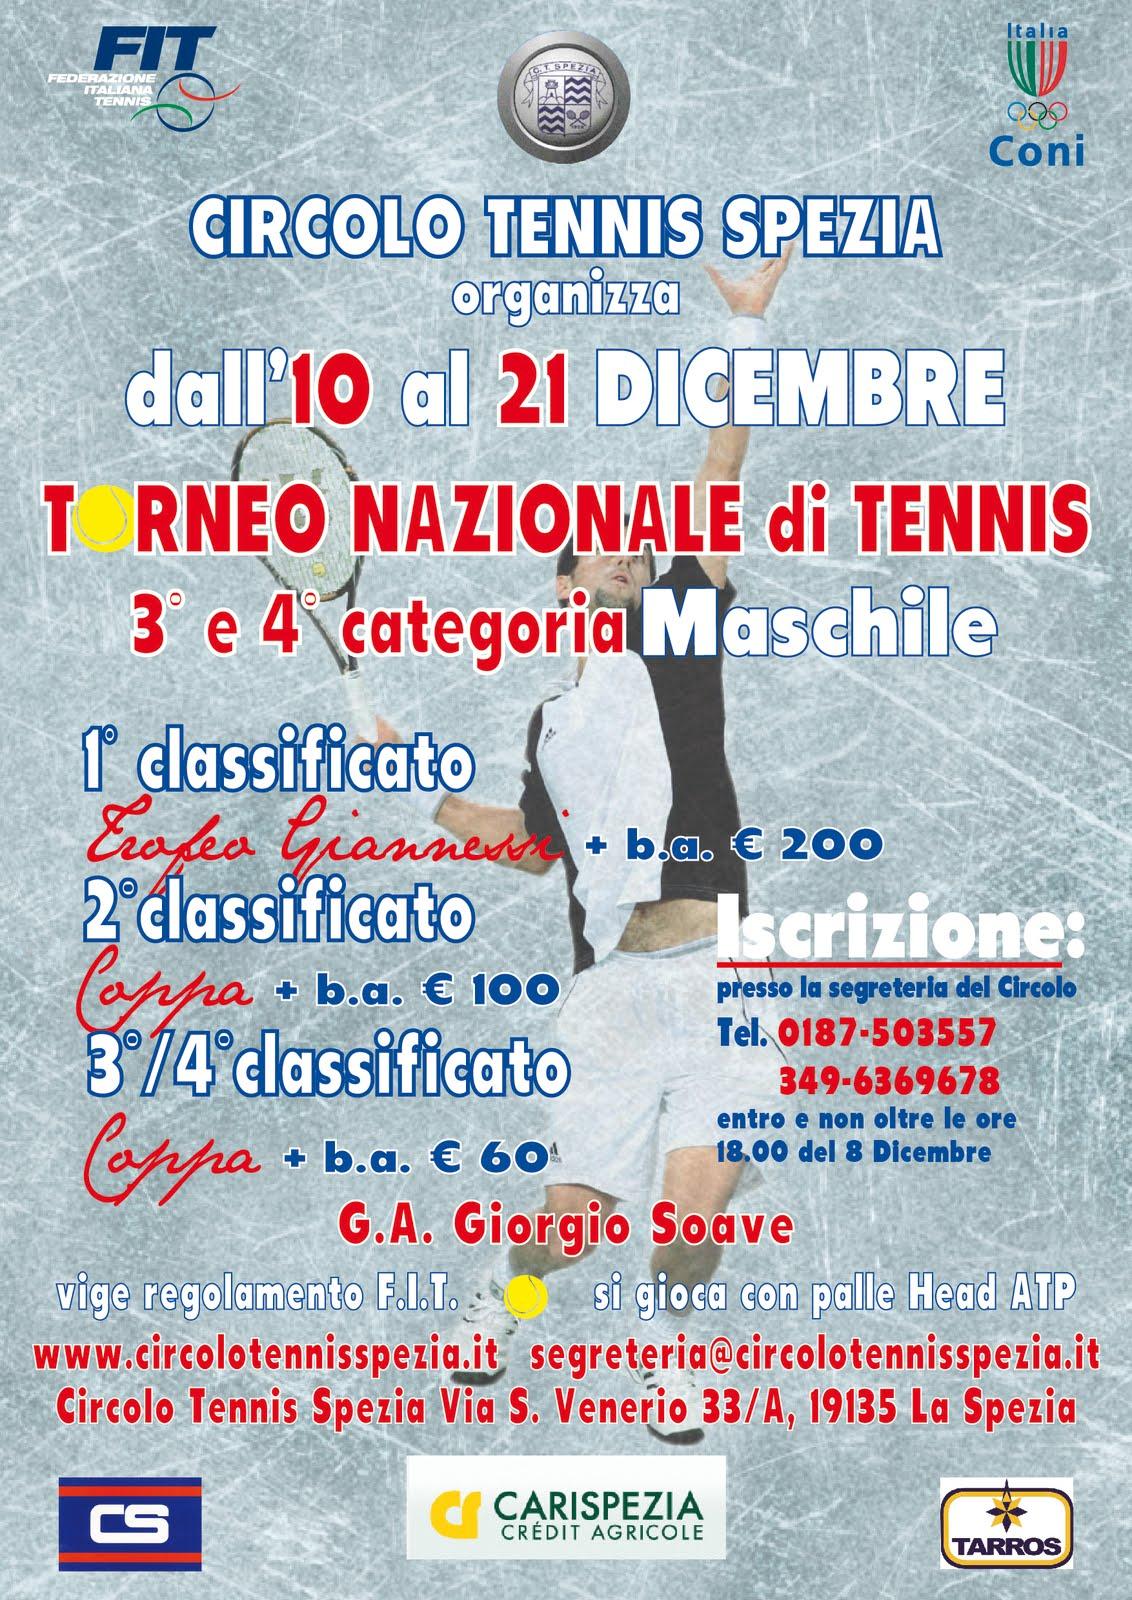 Circolo Tennis Spezia: 2011